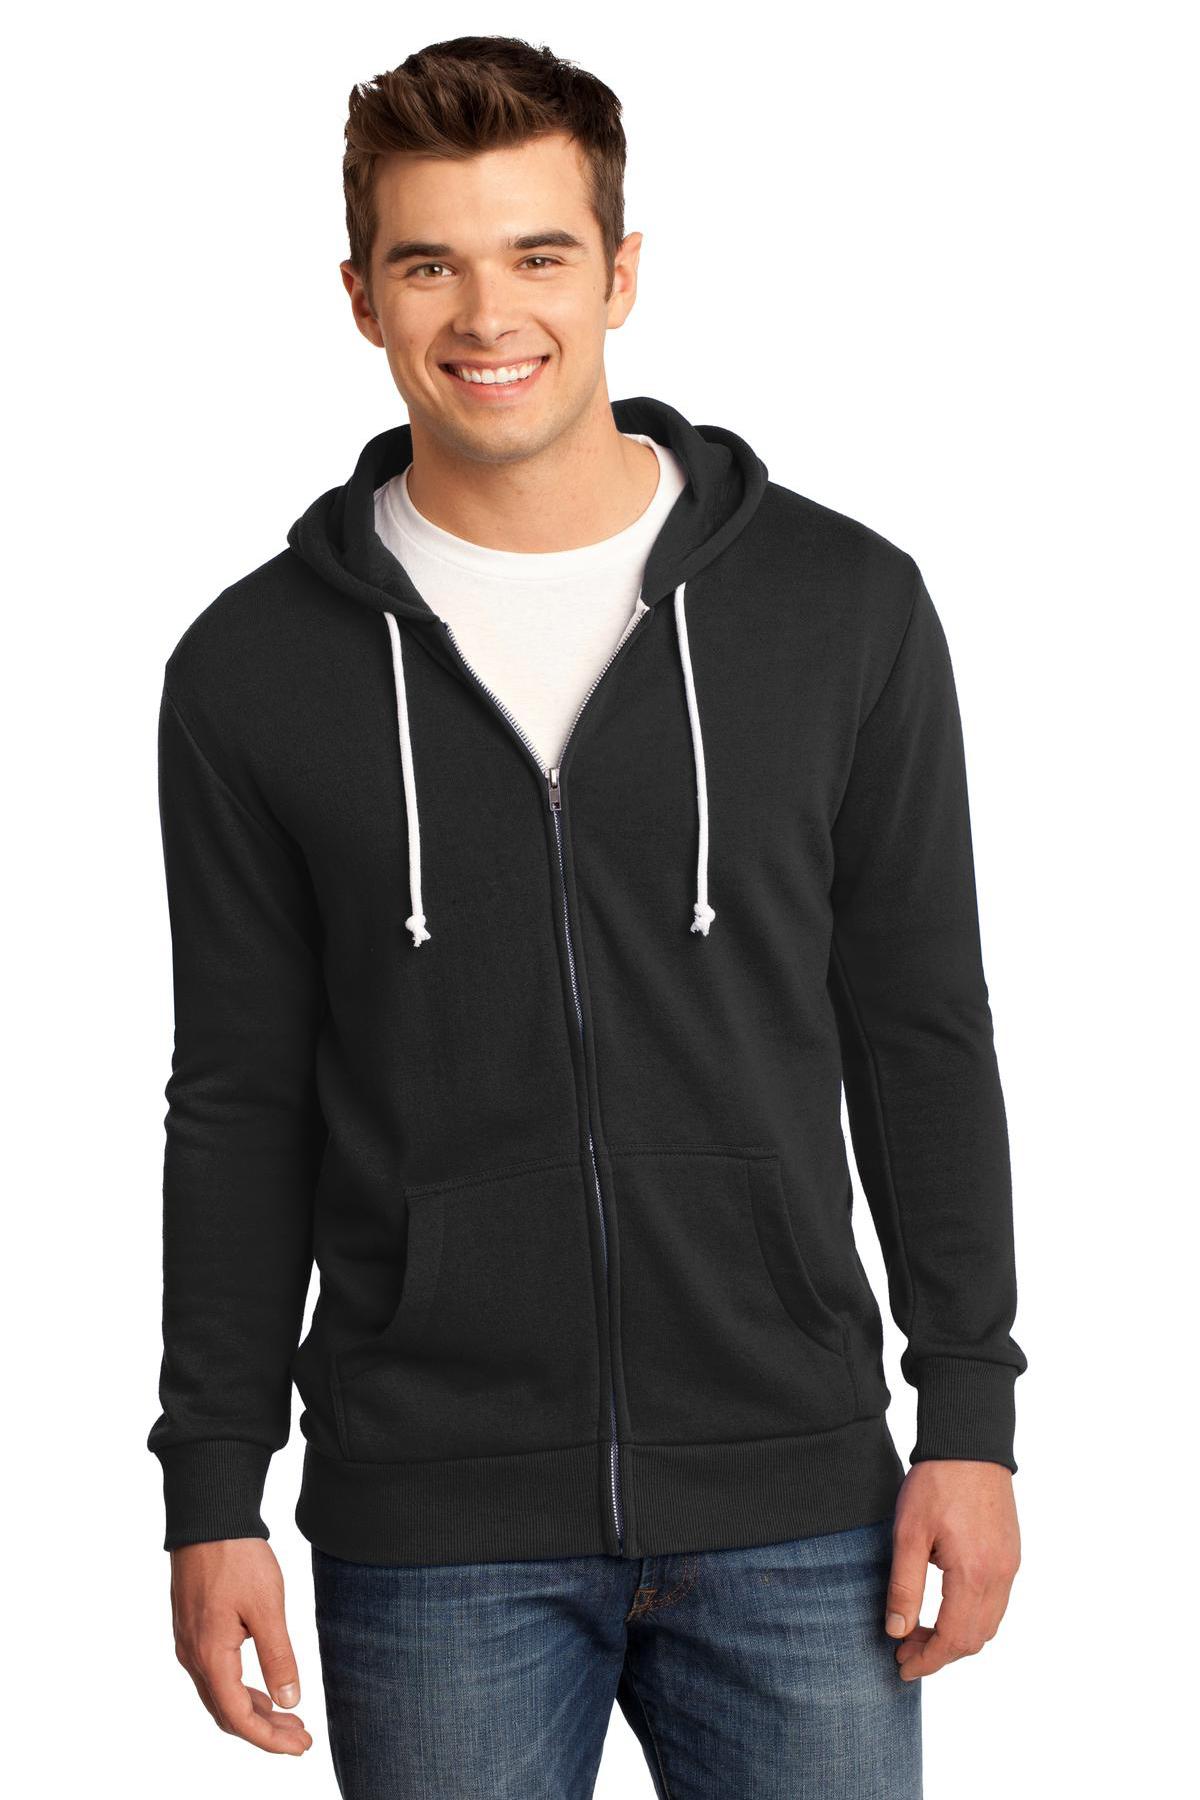 Sweatshirts-Fleece-Hooded-13